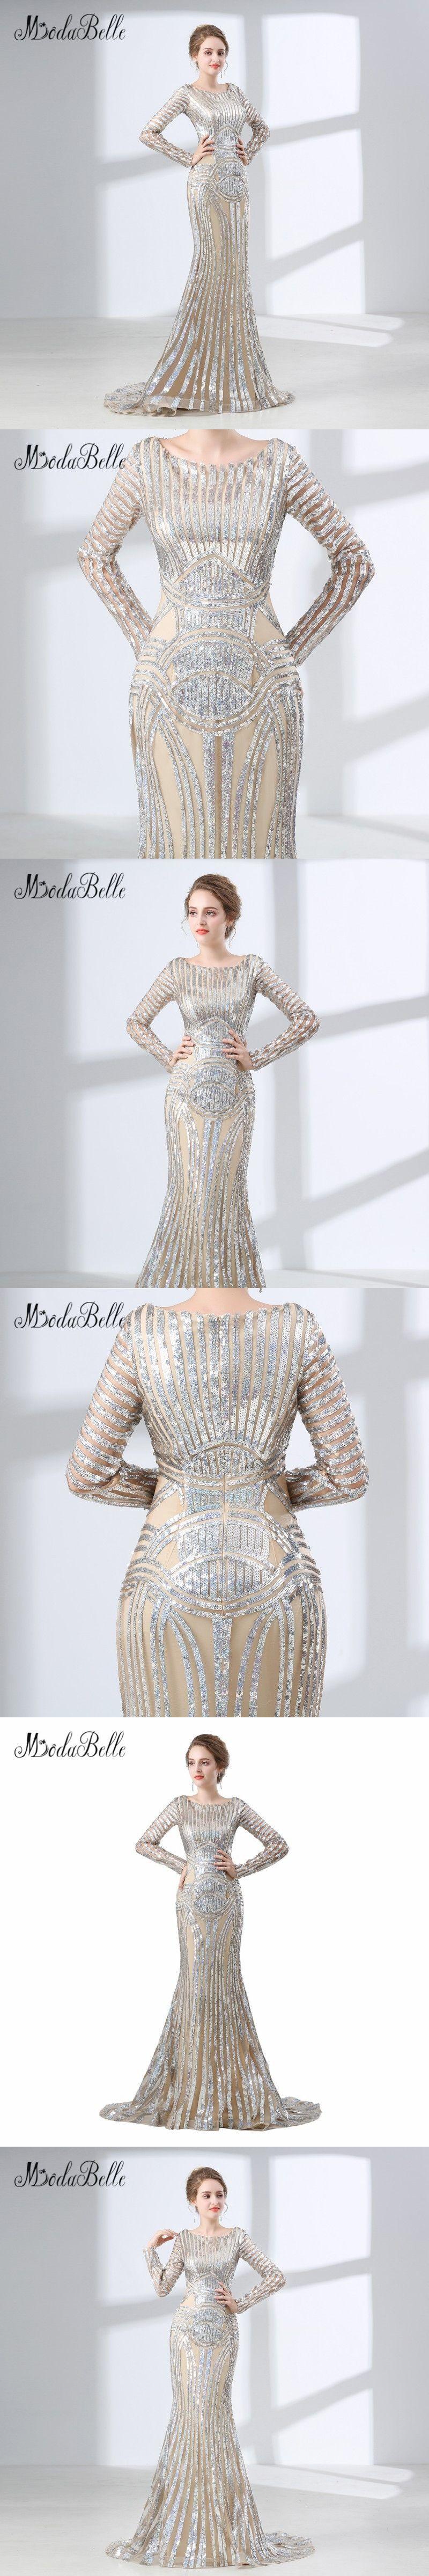 modabelle Elegant Bridal Evening Dress Long Sleeves Sequin Celebrity  Dresses Designer 2018 Bling Bling Women Evening ae6a50f1c698